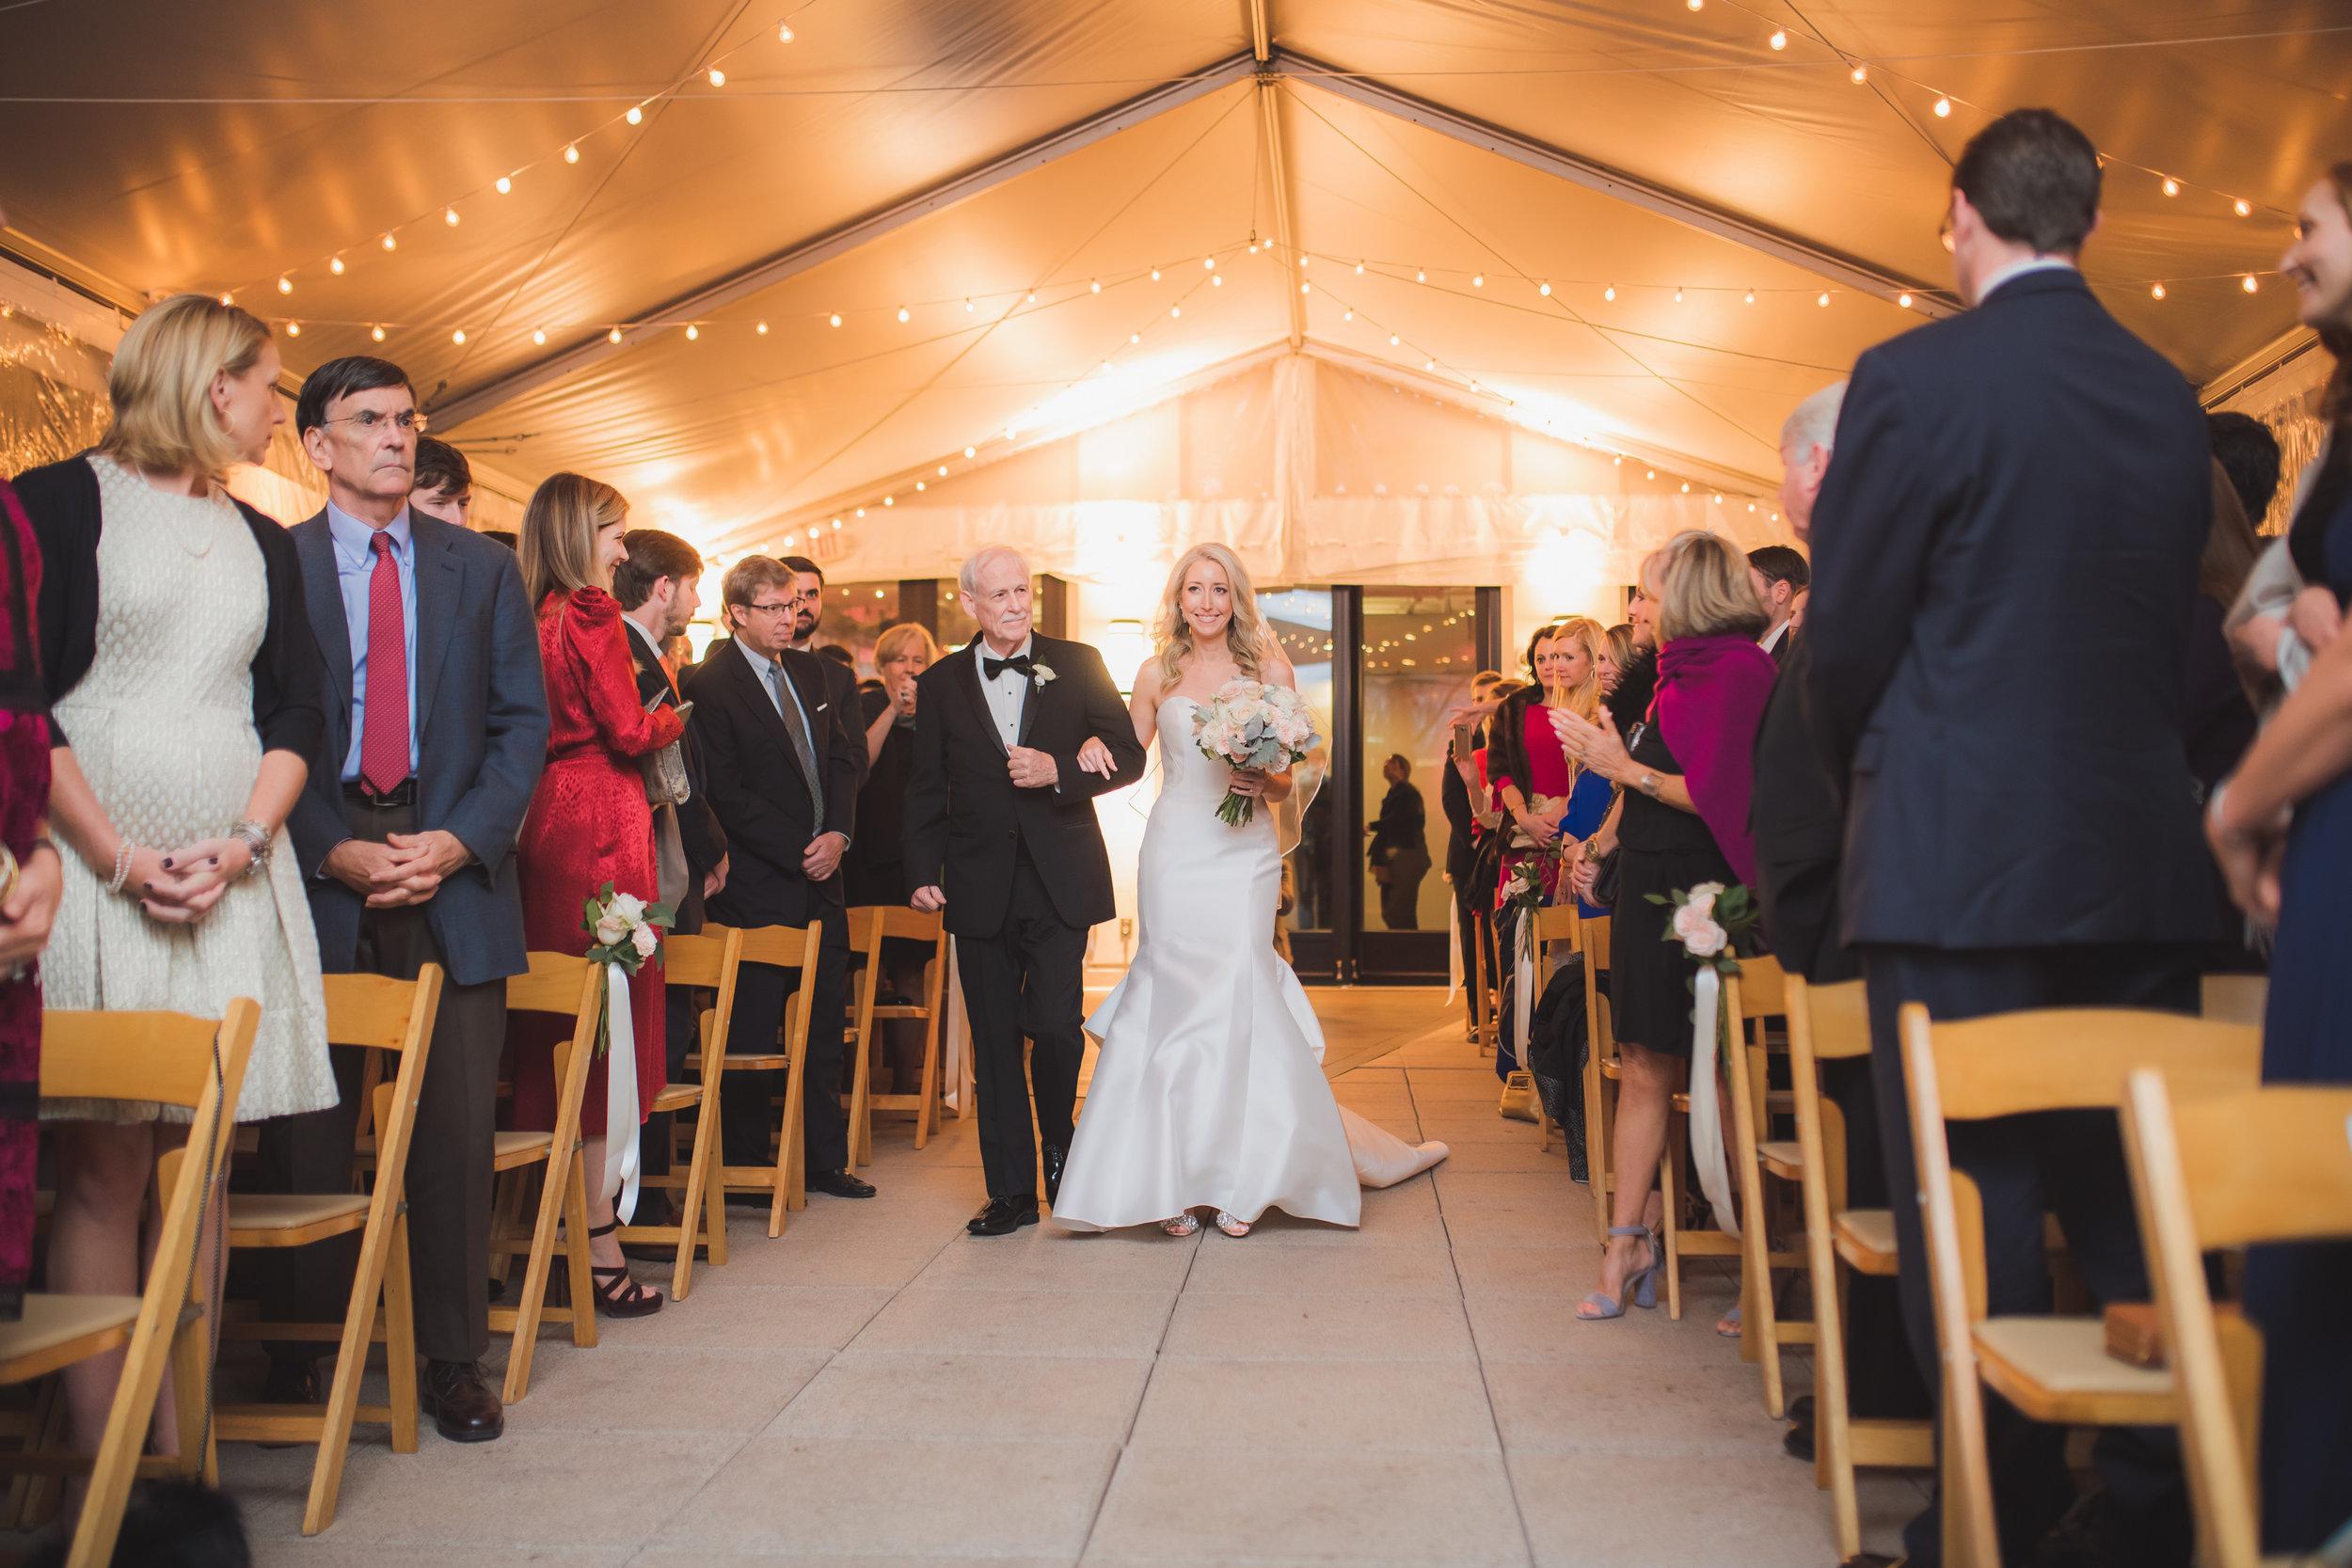 Alaina + Patrick - Nashville Wedding